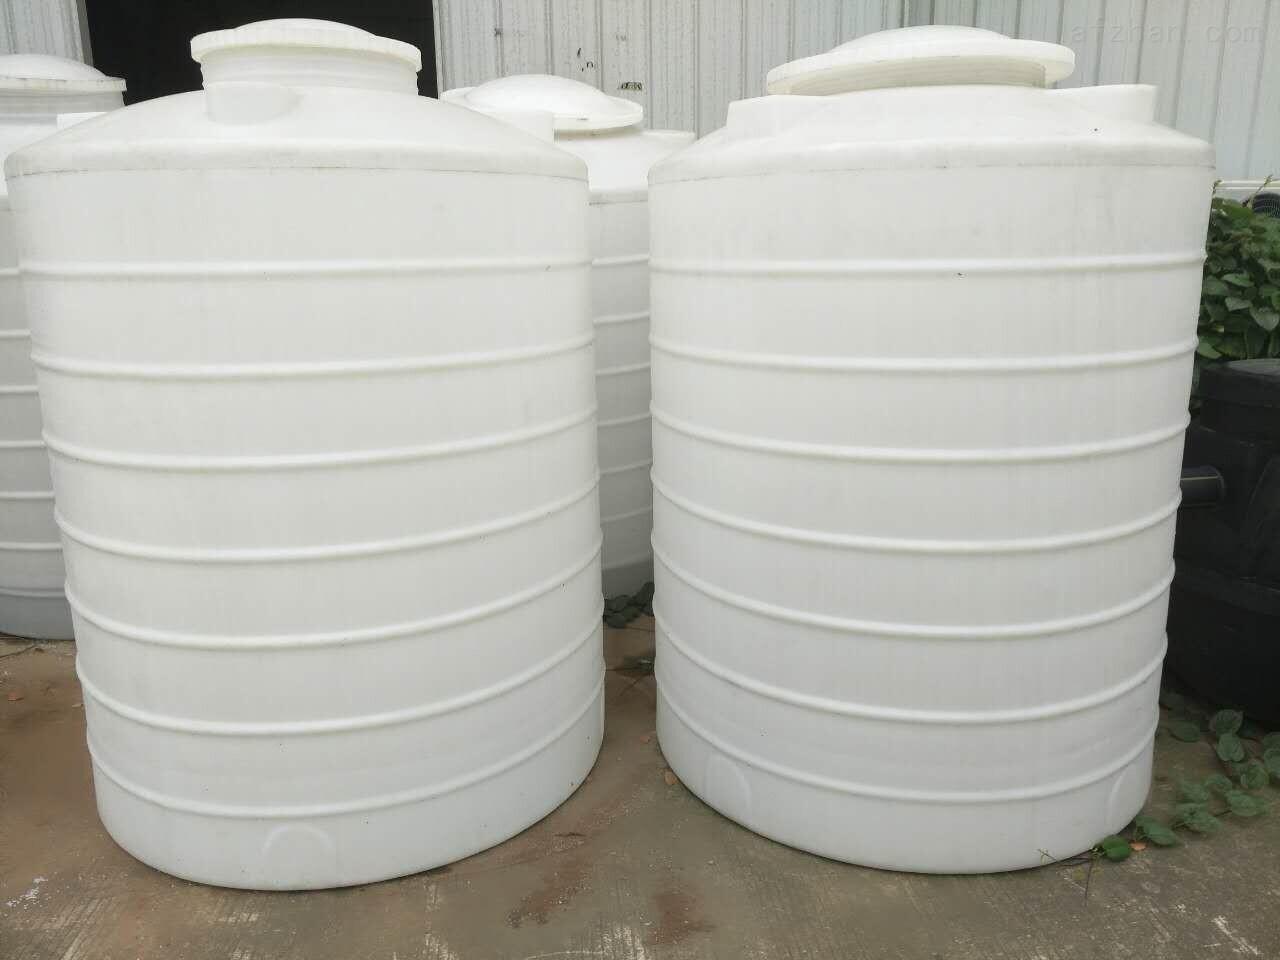 塑料水箱_3立方塑料水箱厂家-立式塑料水箱-武汉诺顺塑料制品有限公司